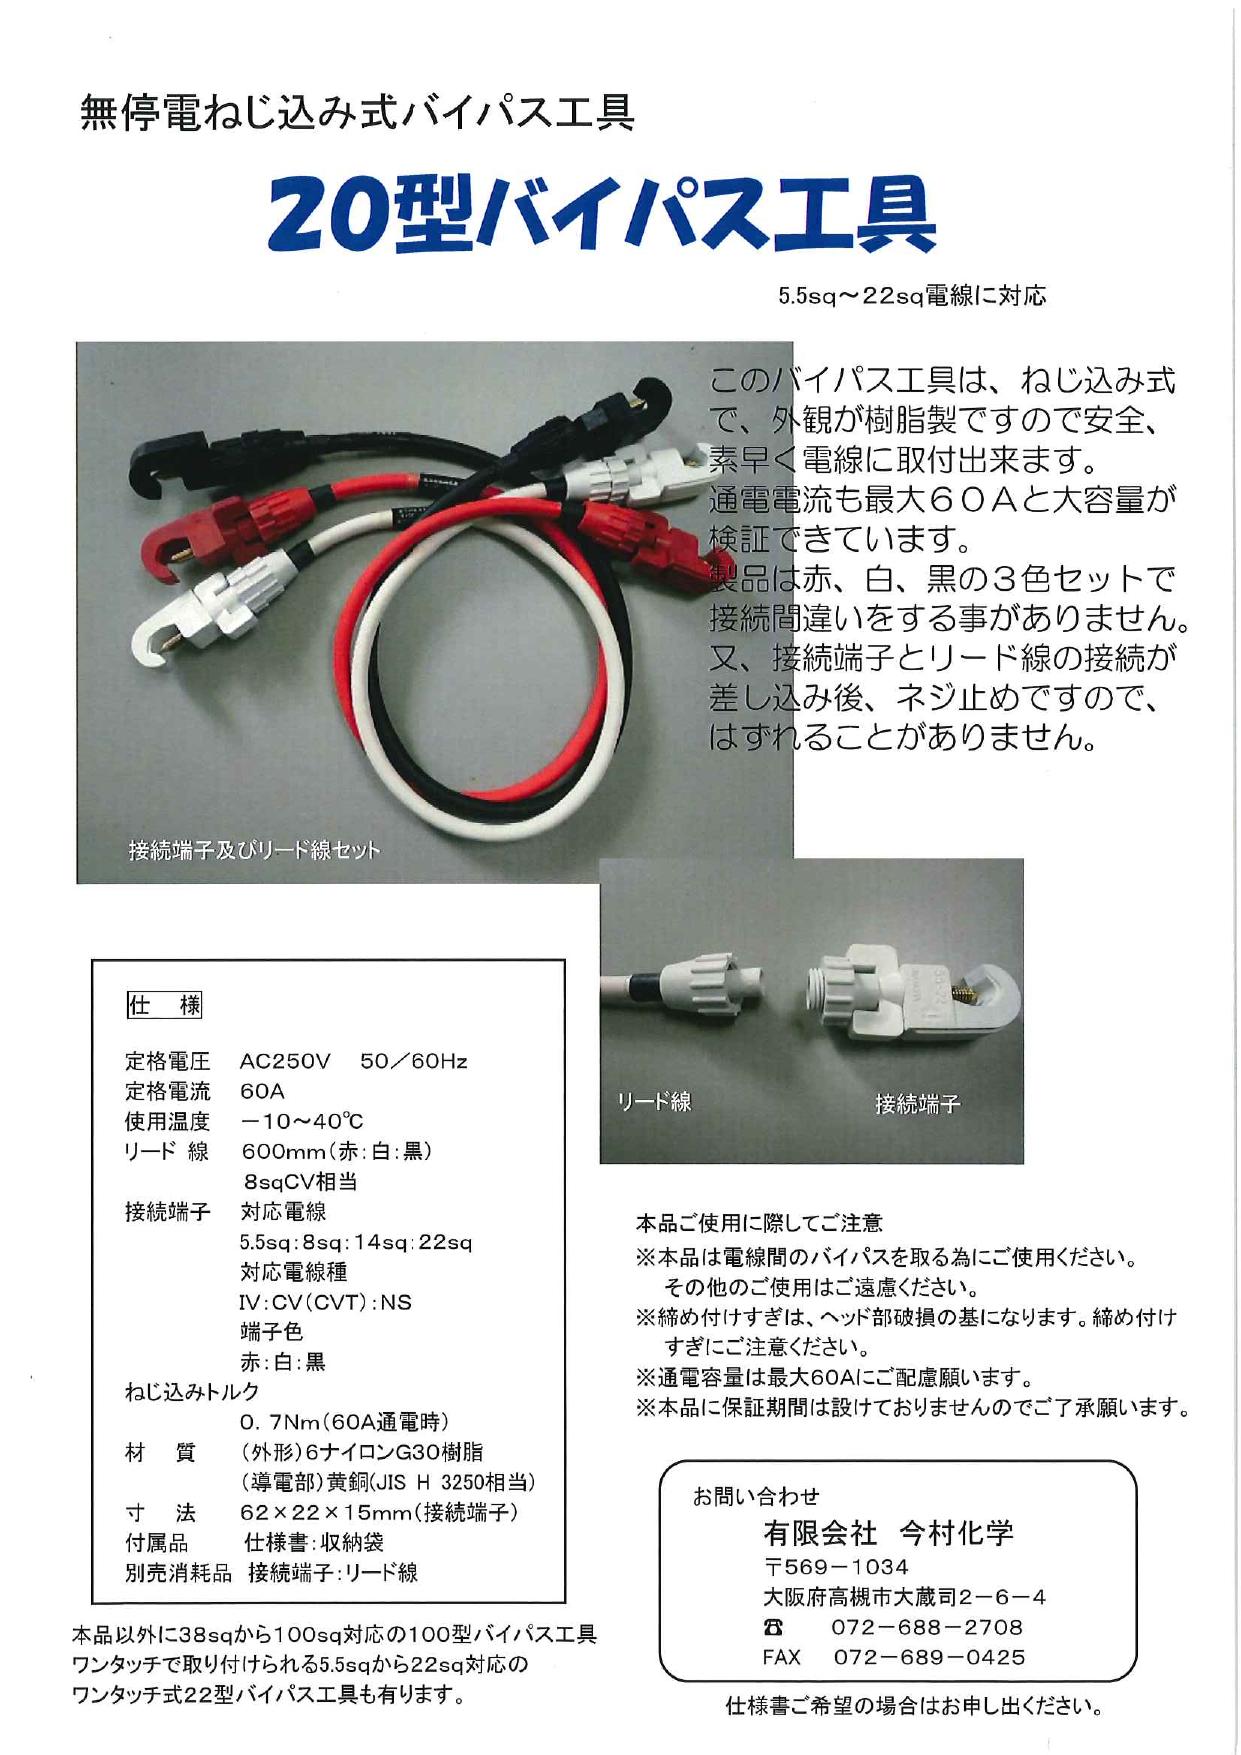 無停電ねじ込み式バイパス工具 20型/100型/22型